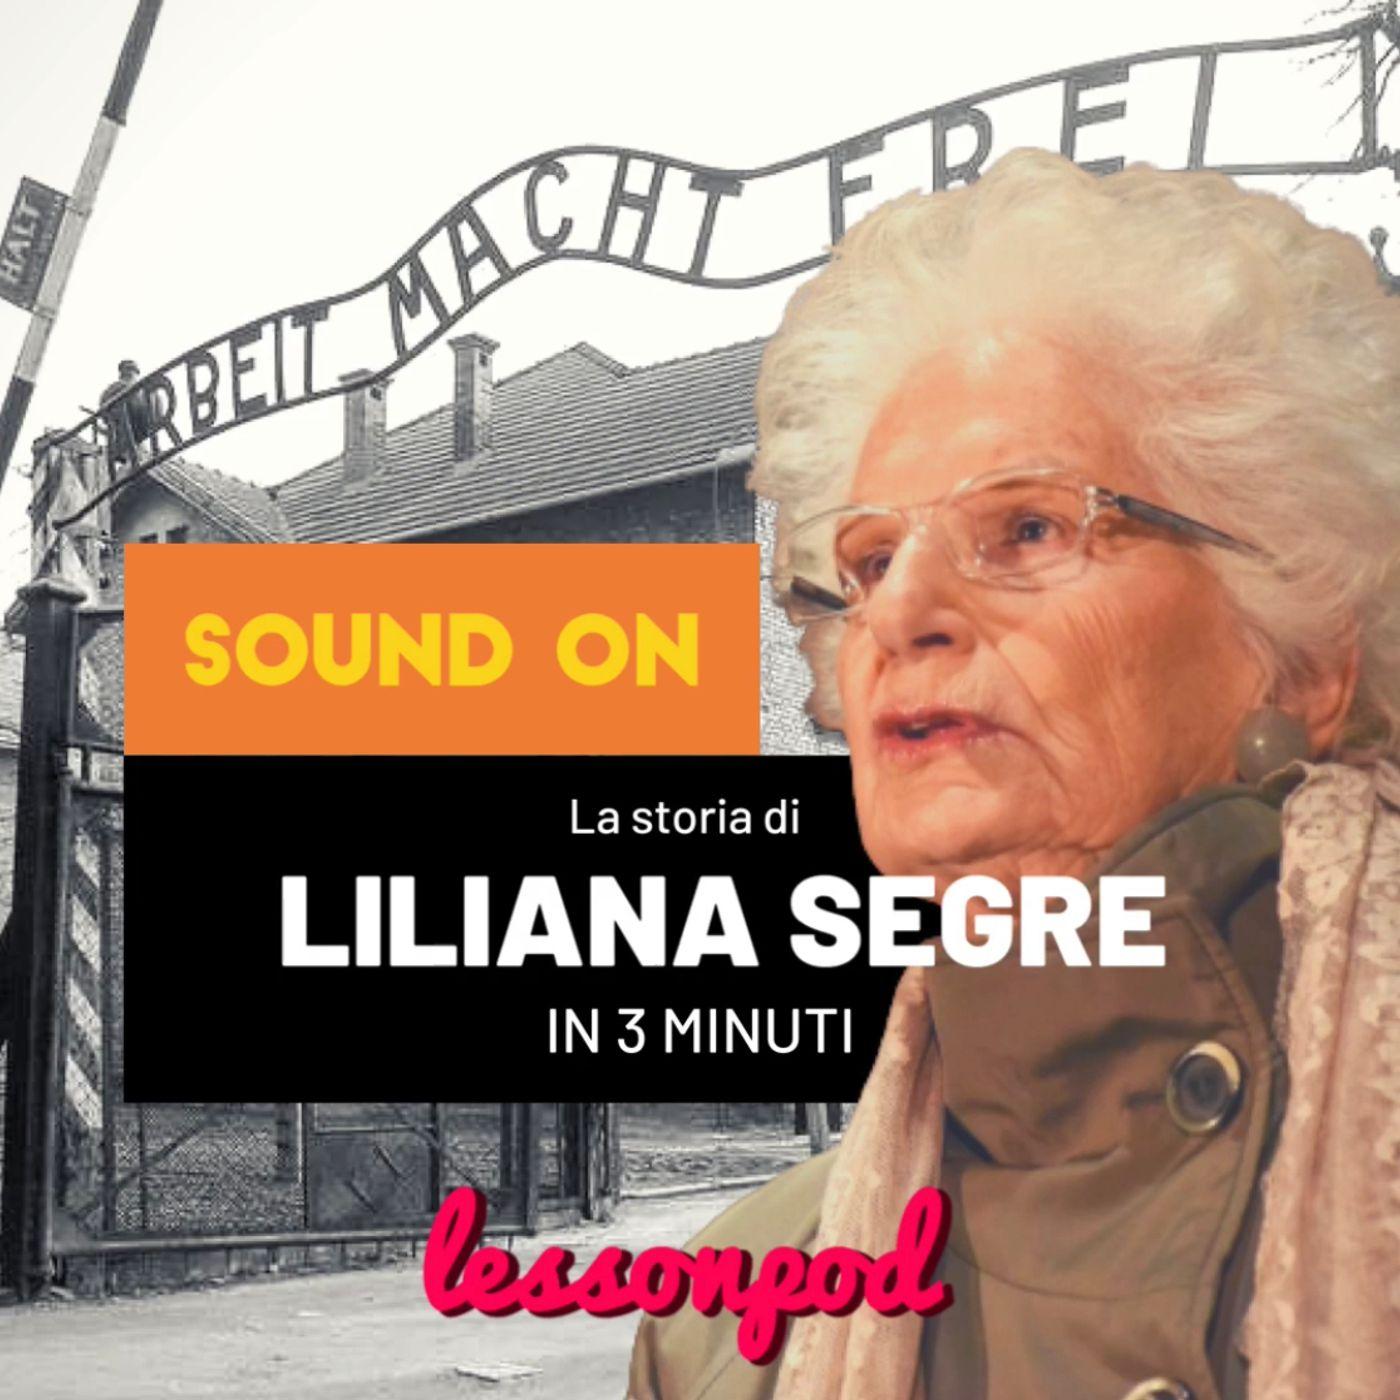 La storia di Liliana Segre in 3 minuti